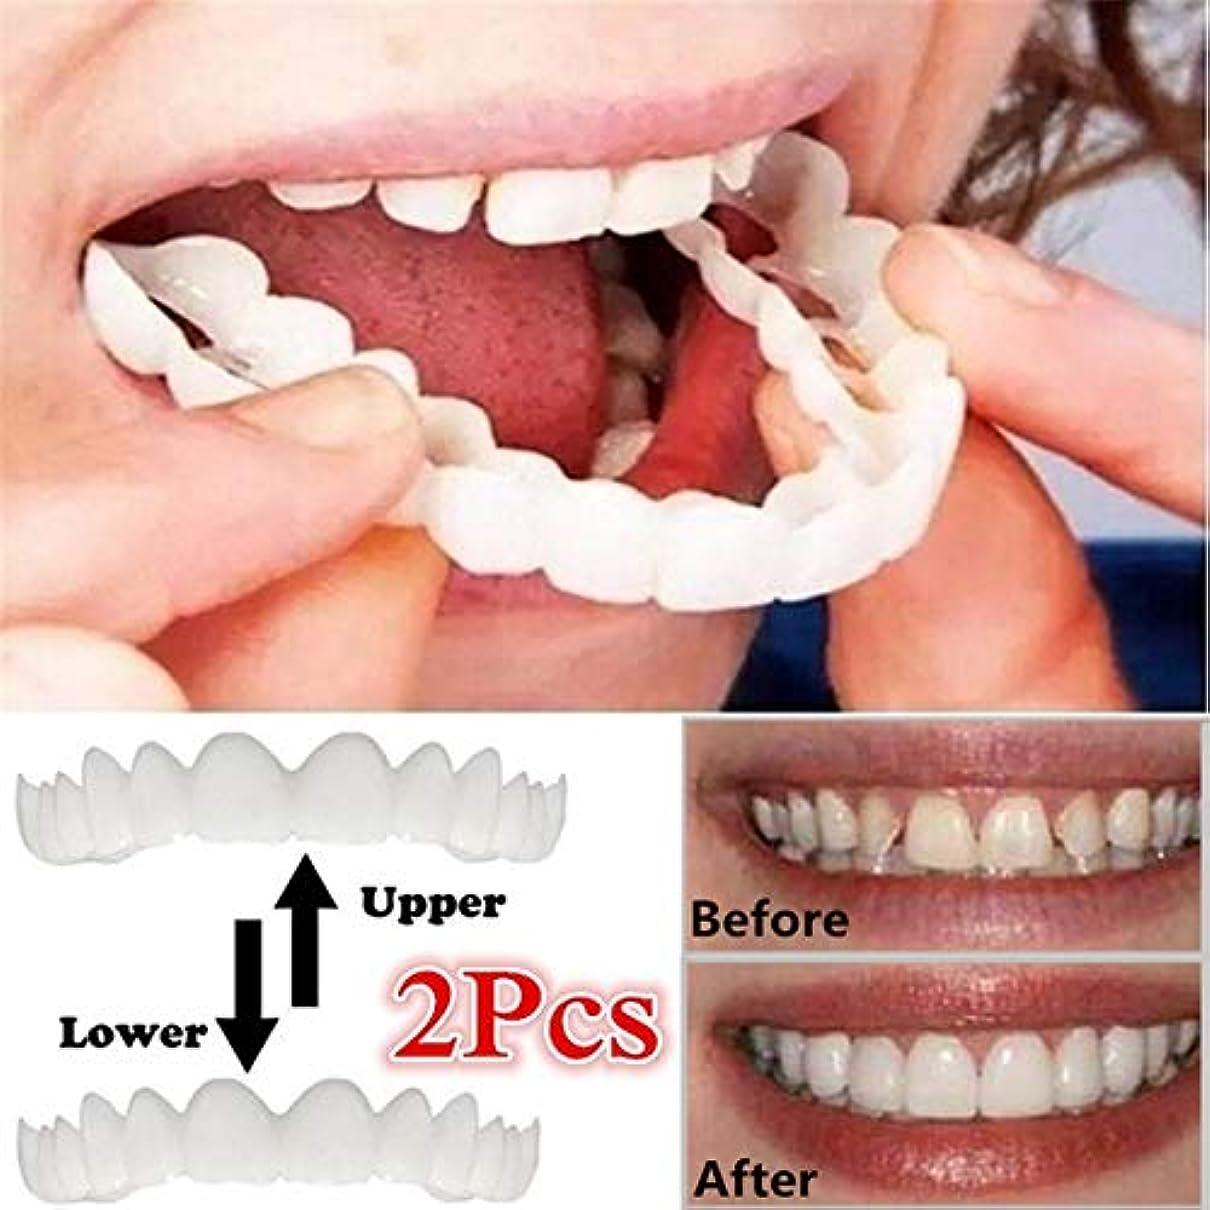 スナップモネ不利益新しい1対の模擬歯の笑顔が、最も快適な上下の歯のベニア(一番下と一番上)のための柔らかい歯に快適にフィット